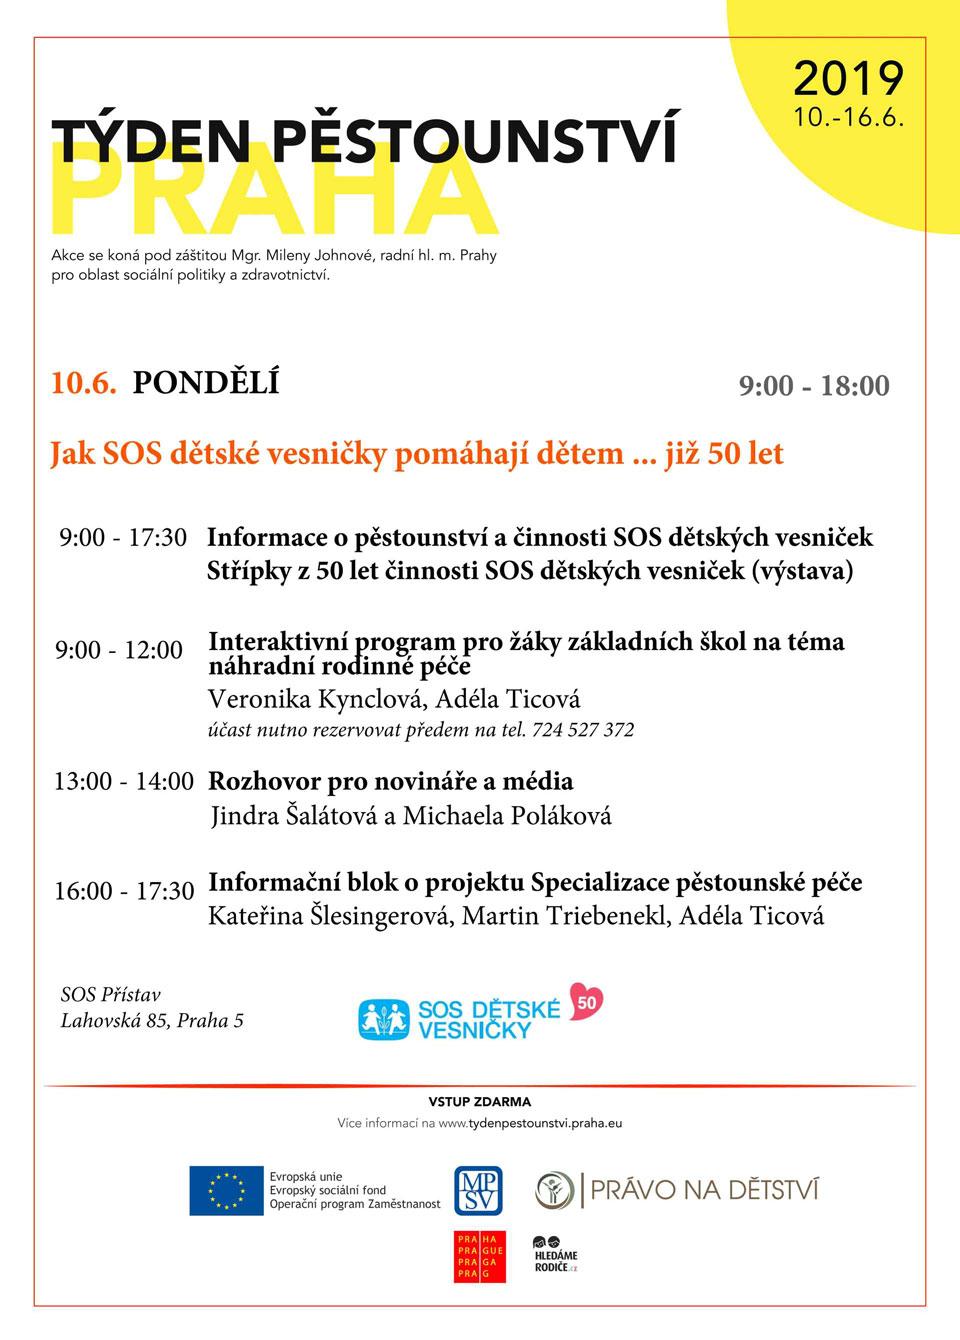 Týden pěstounství Praha